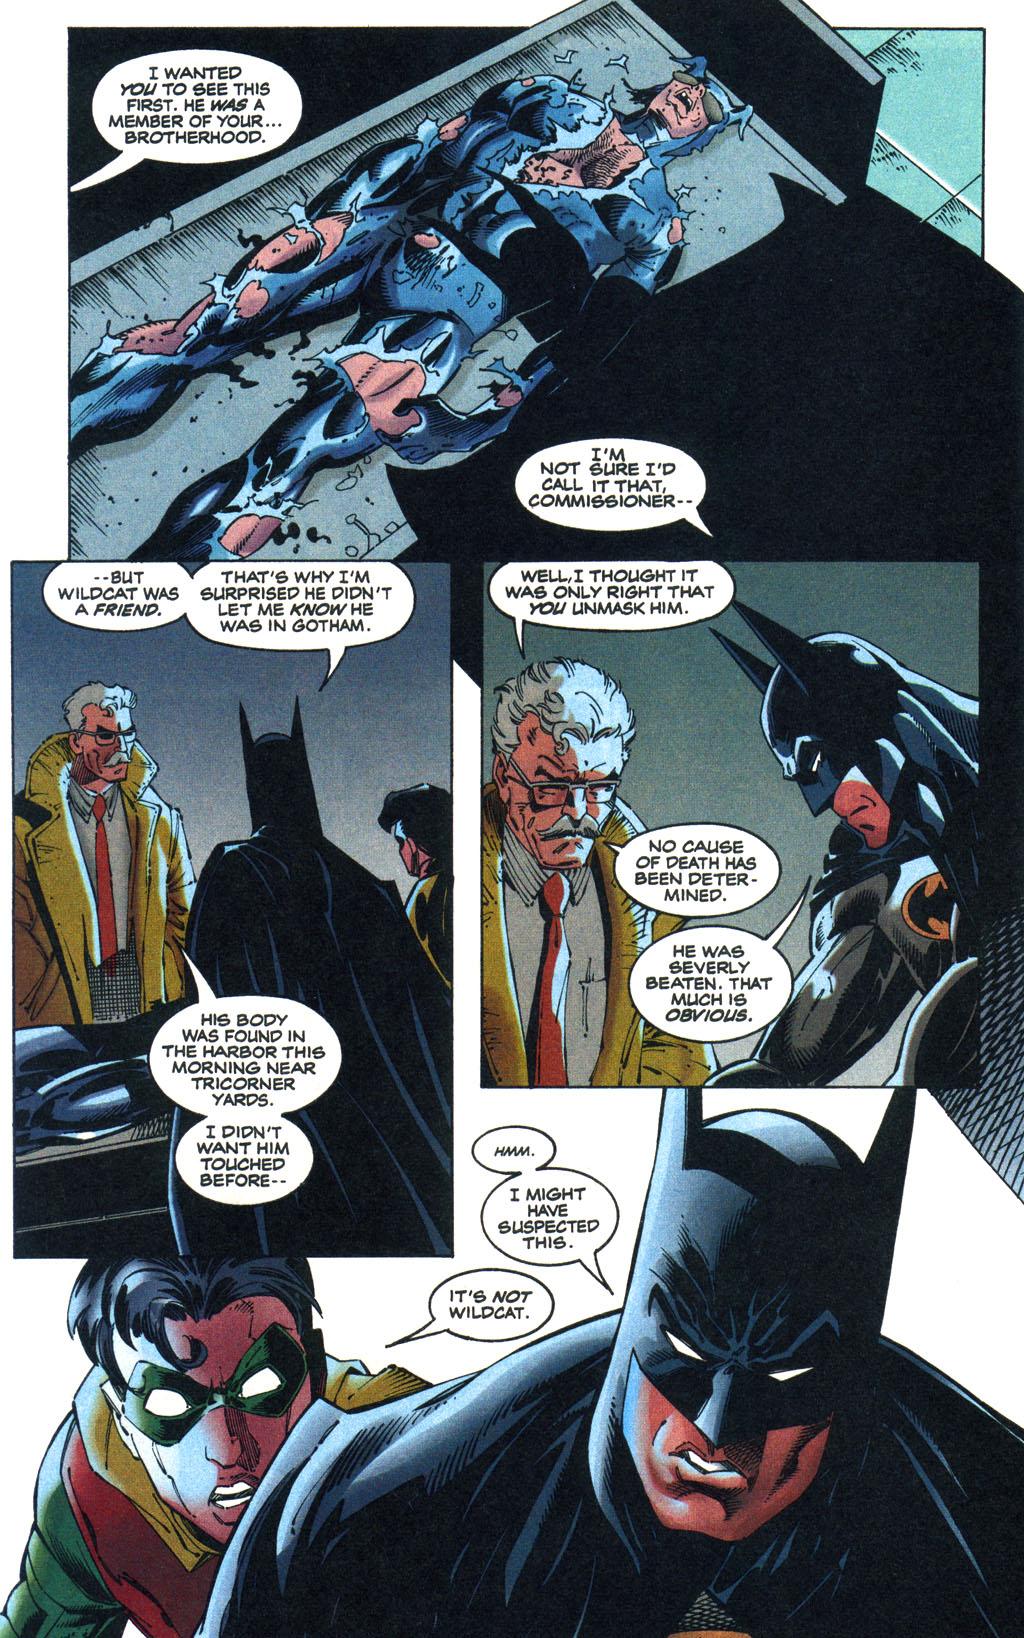 Read online Batman/Wildcat comic -  Issue #1 - 8